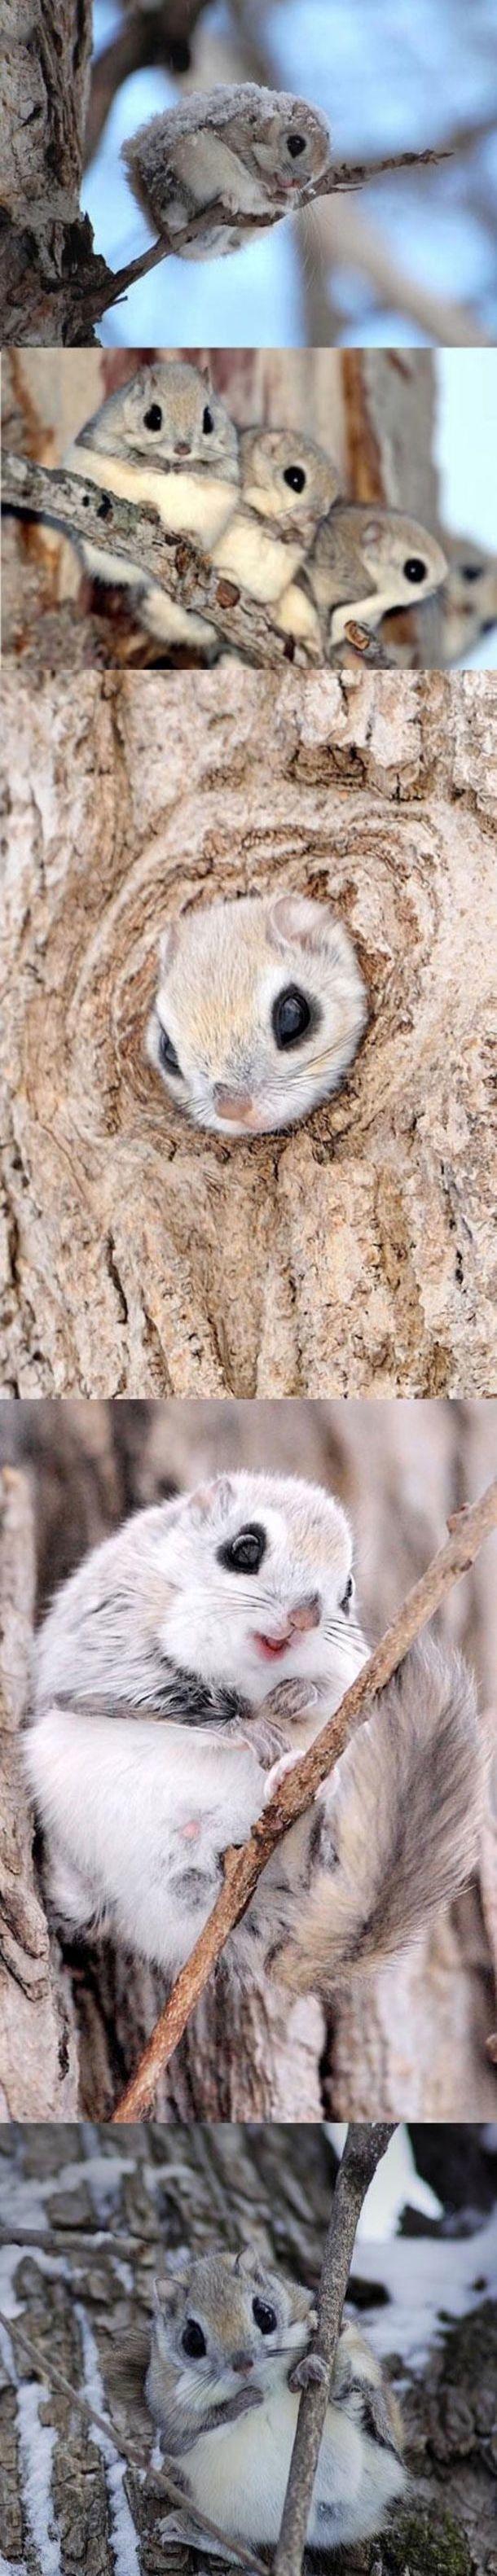 Japanese Dwarf Flying Squirrels